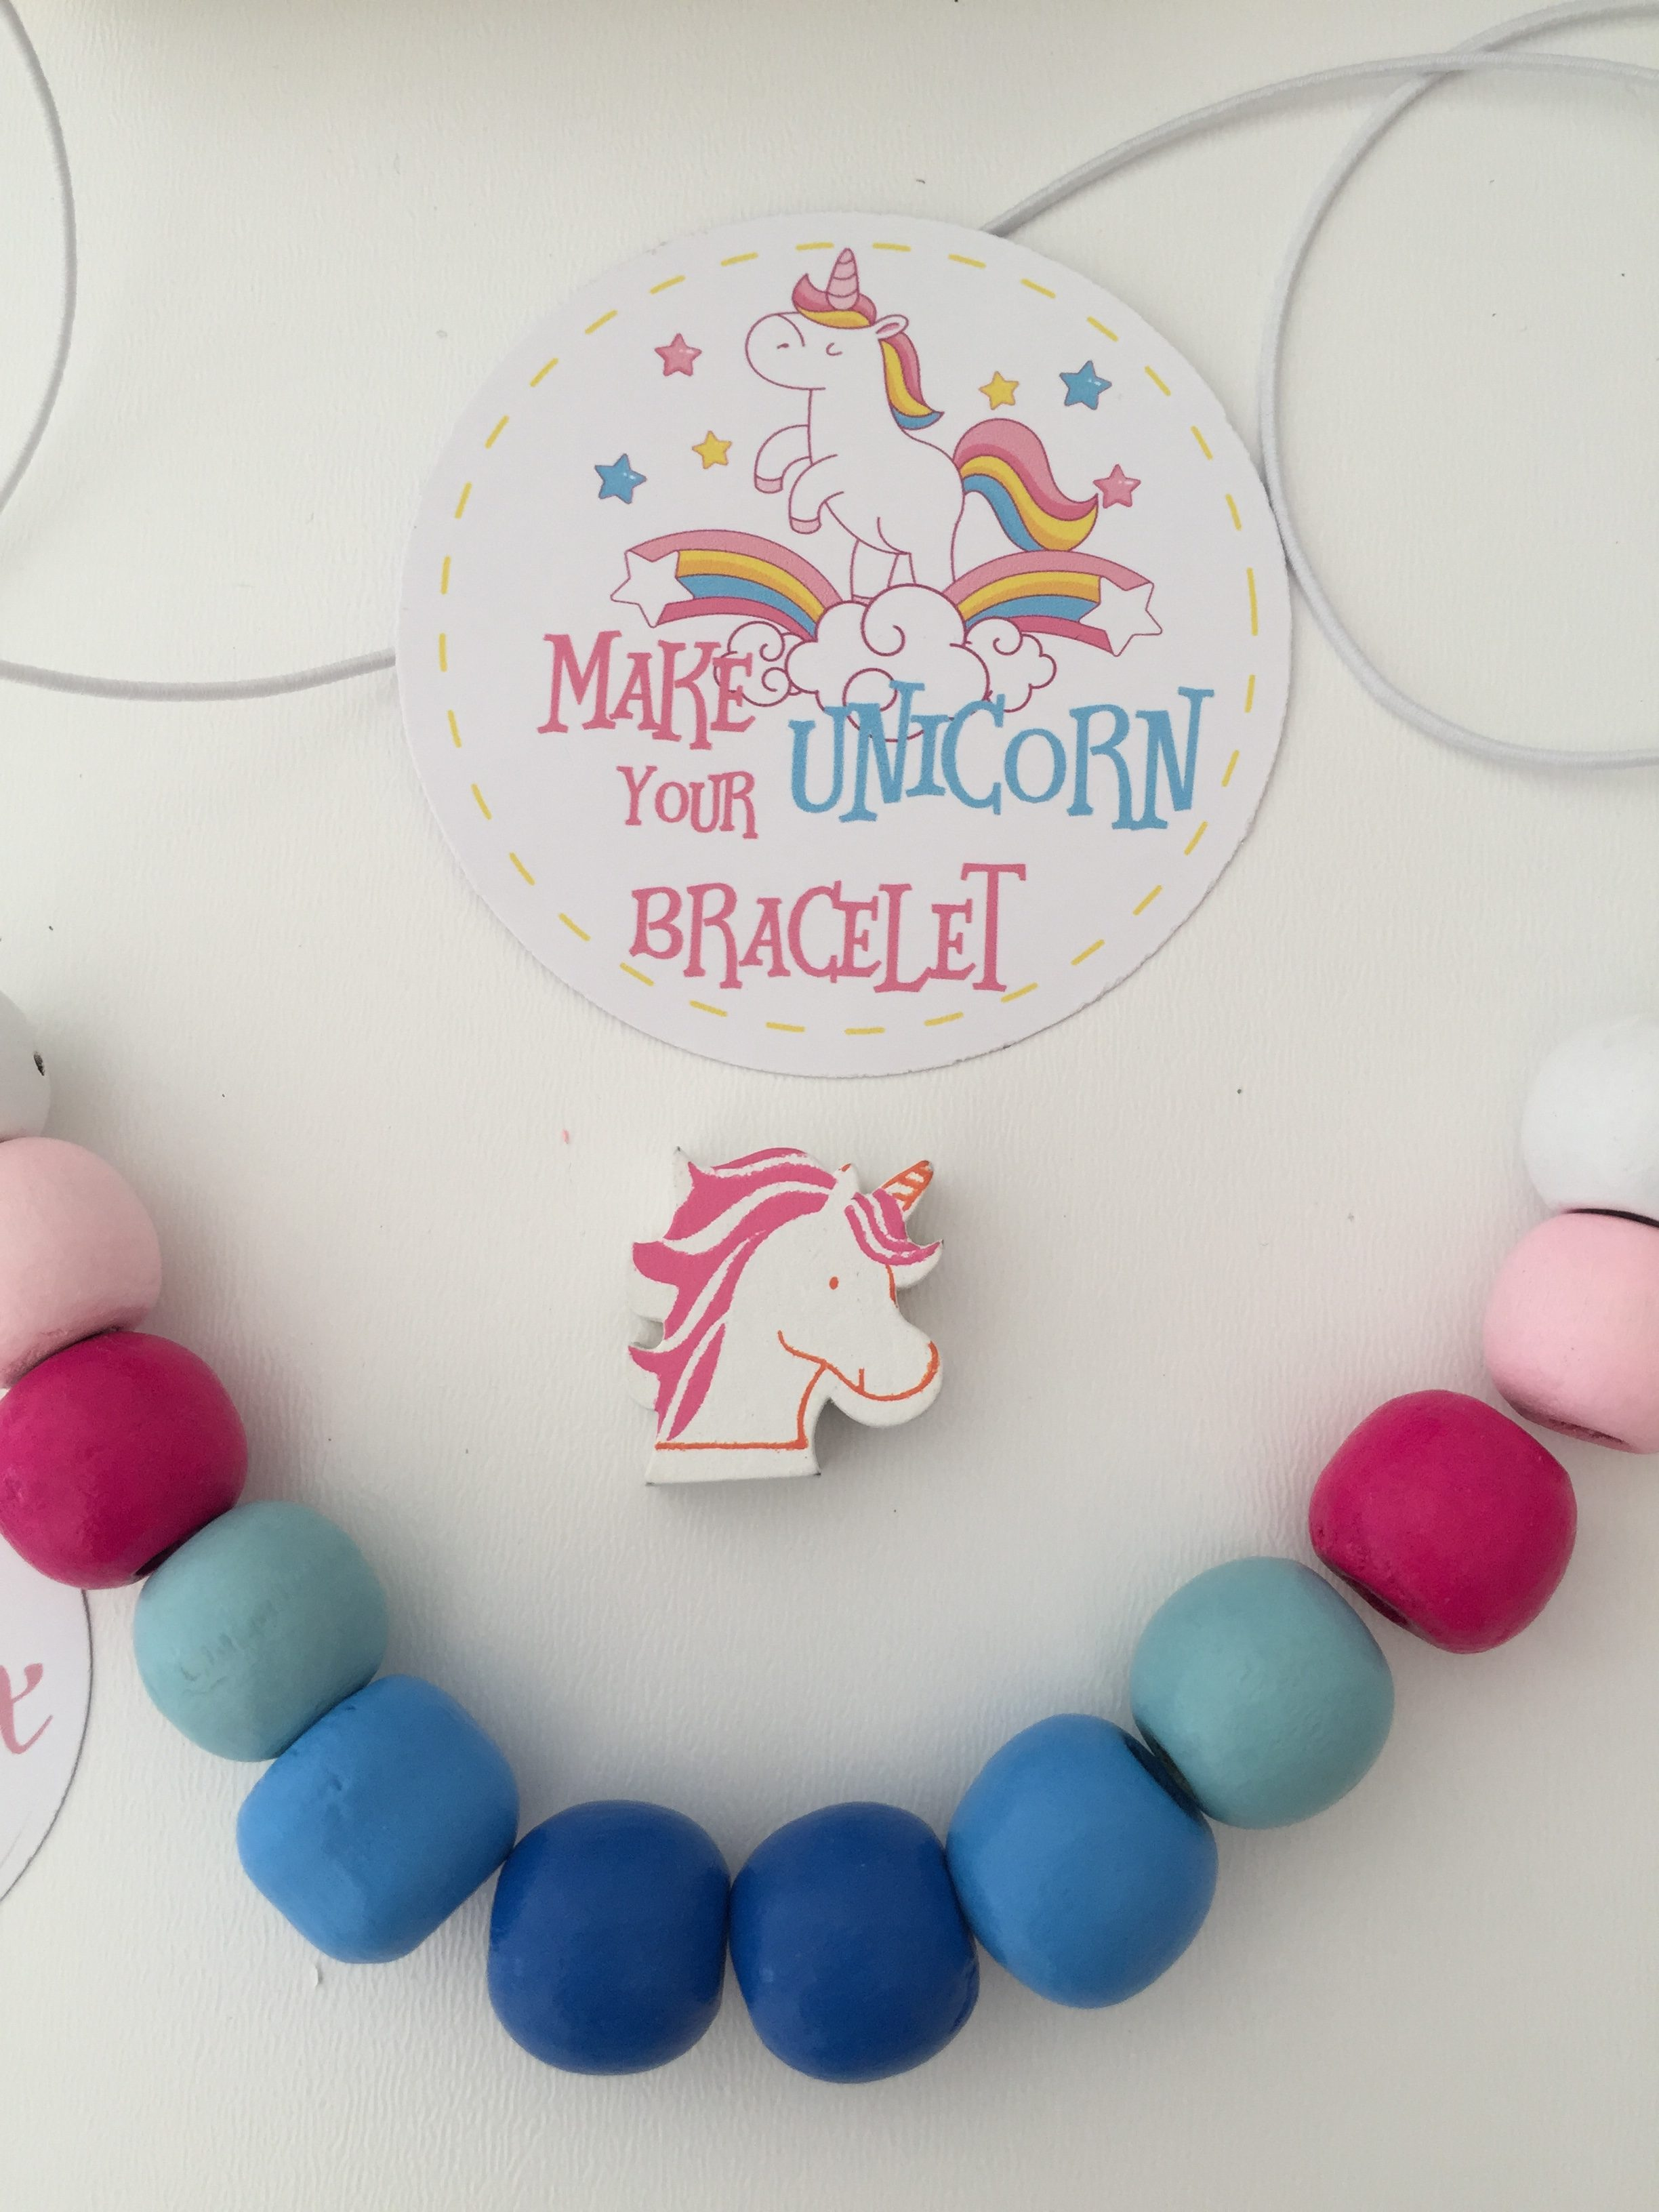 acquisto economico bea39 0c3c0 Kit regalo per braccialetto fai da te a tema unicorno. In legno, DIY, party  favor, craft